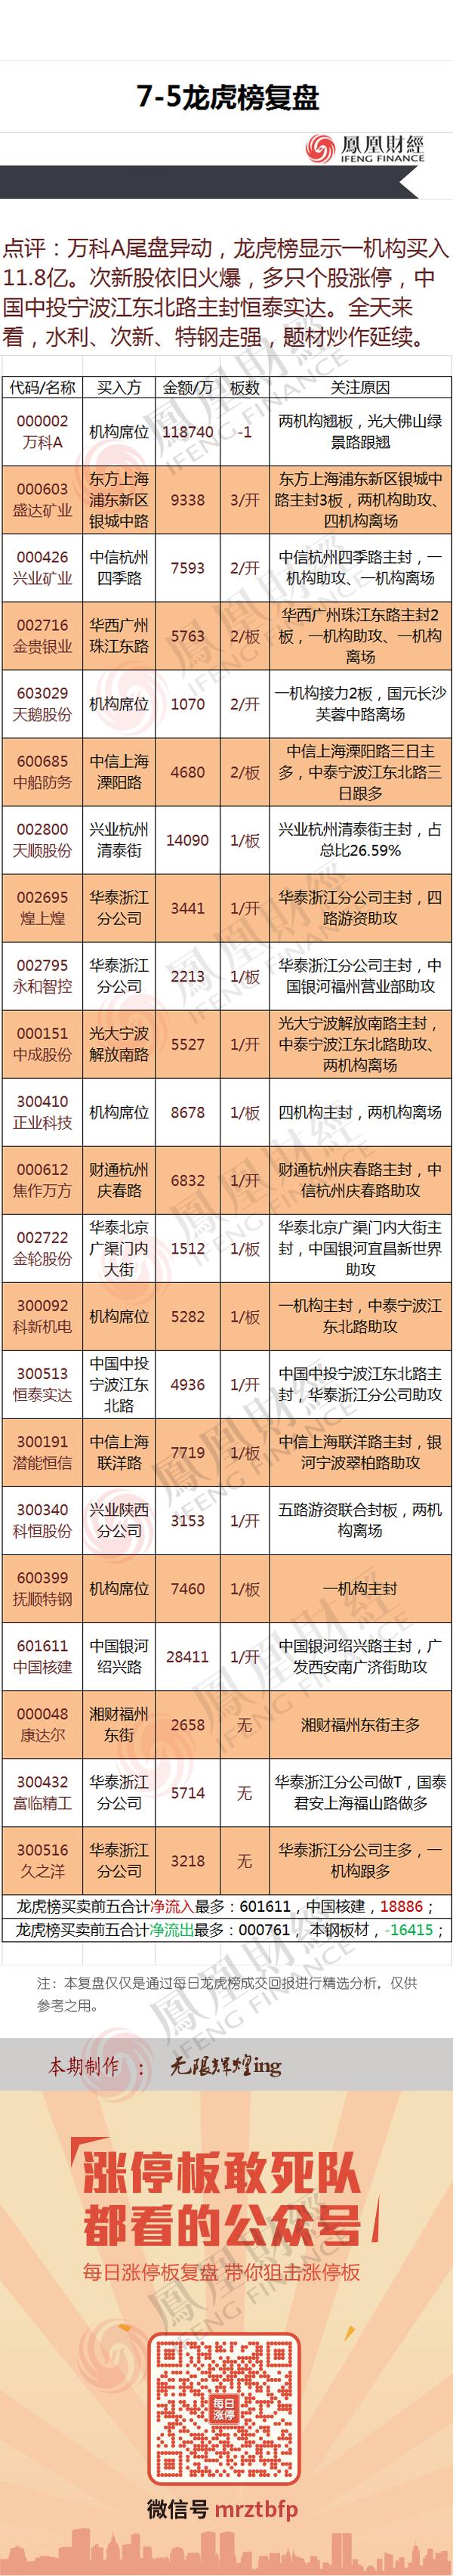 2016年7月5日龙虎榜点评 - 小美 - xing1969wuw的博客